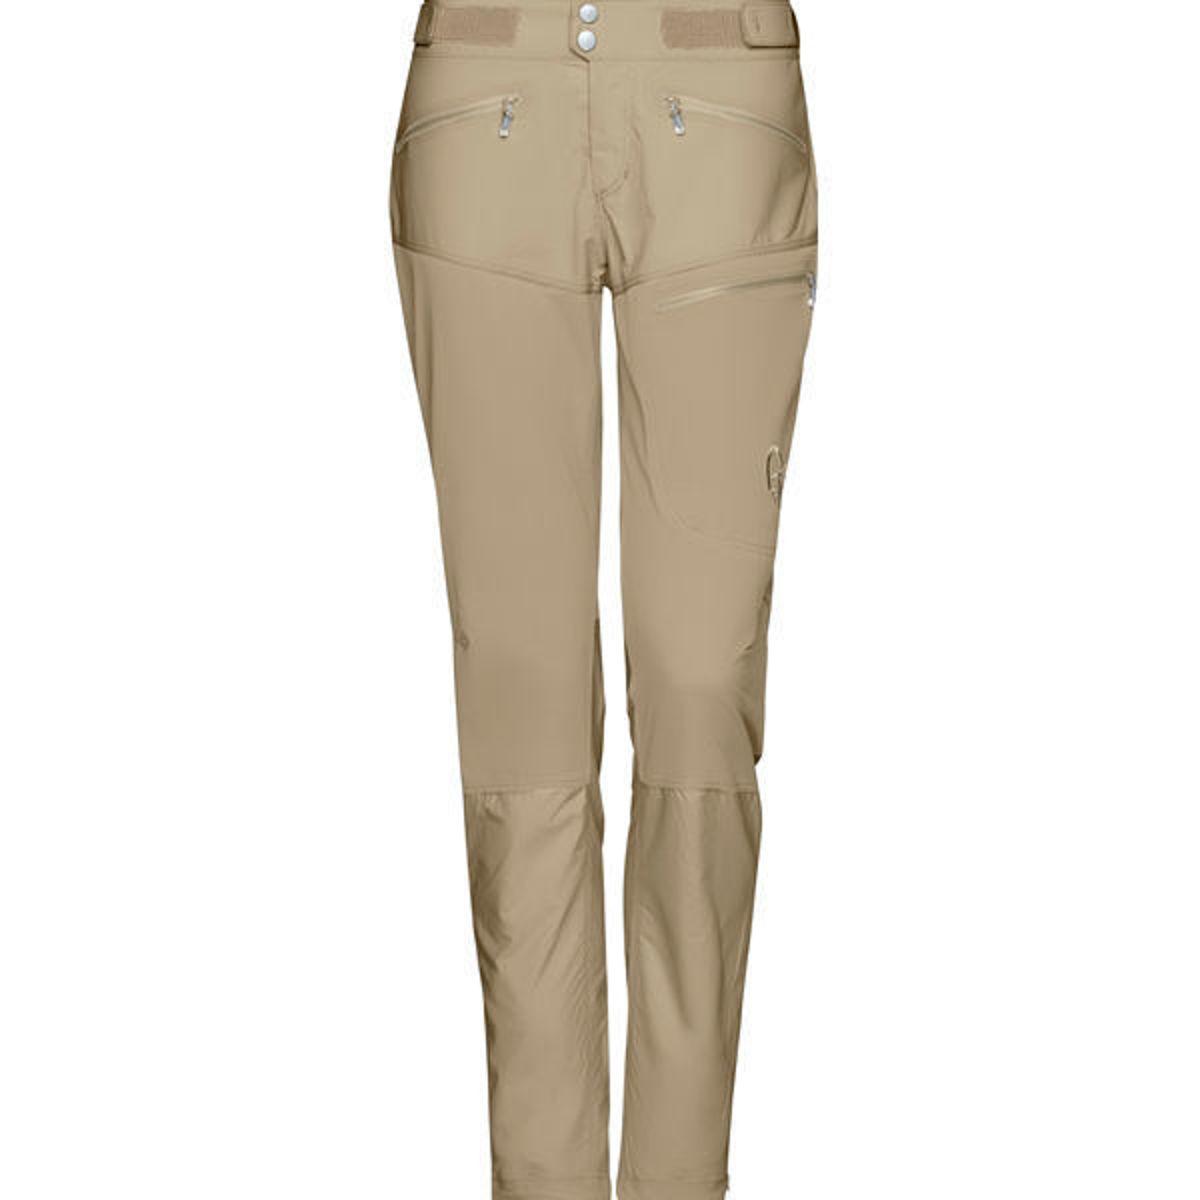 Bilde av bitihorn lightweight Pants (W)